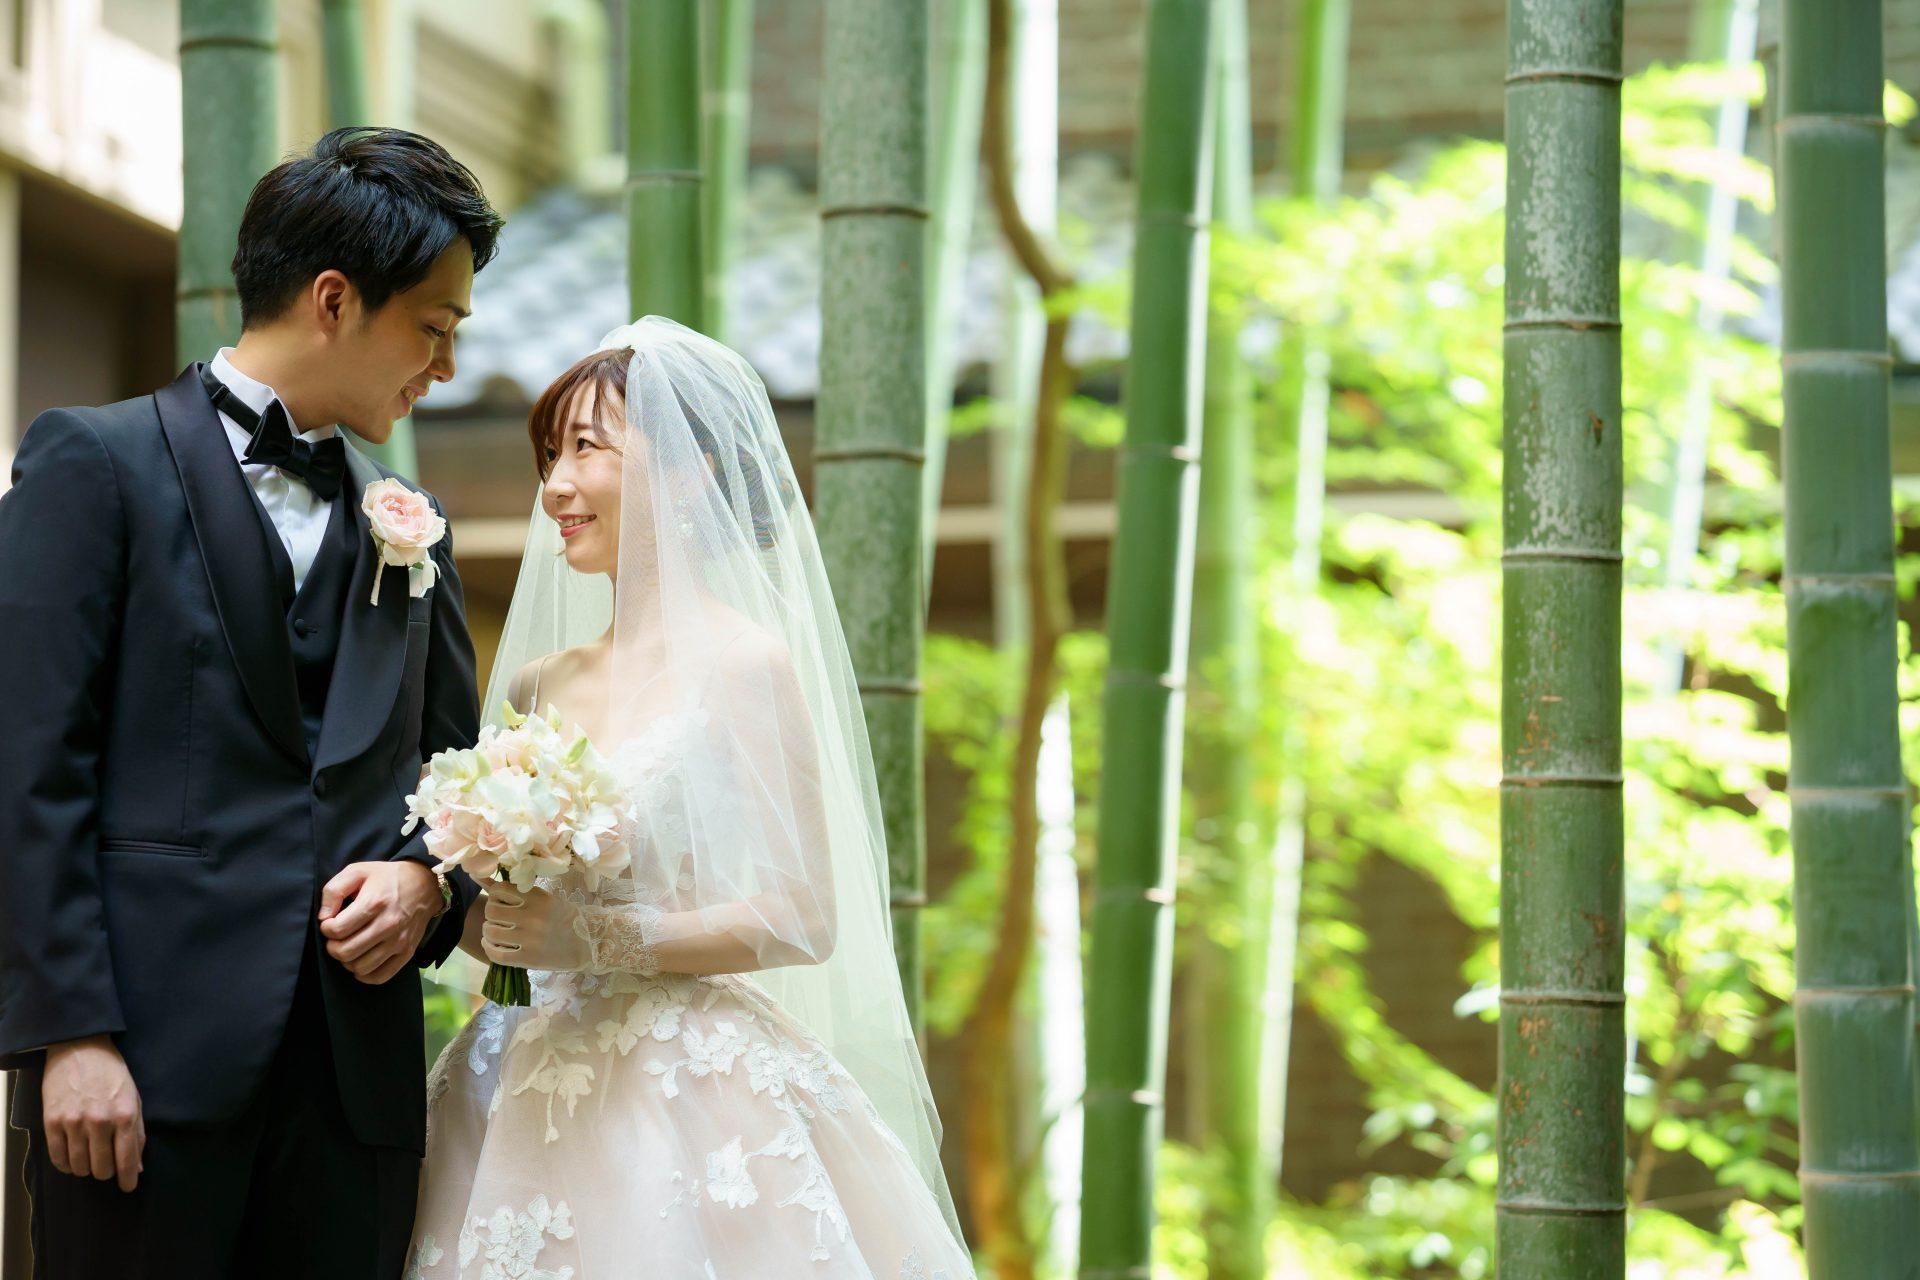 フォーチュンガーデン京都店の提携会場フォーチュンガーデン京都で結婚式を挙げられる新婦様におすすめしたい大振りなレースが華やかなモニーク・ルイリエのウエディングドレス